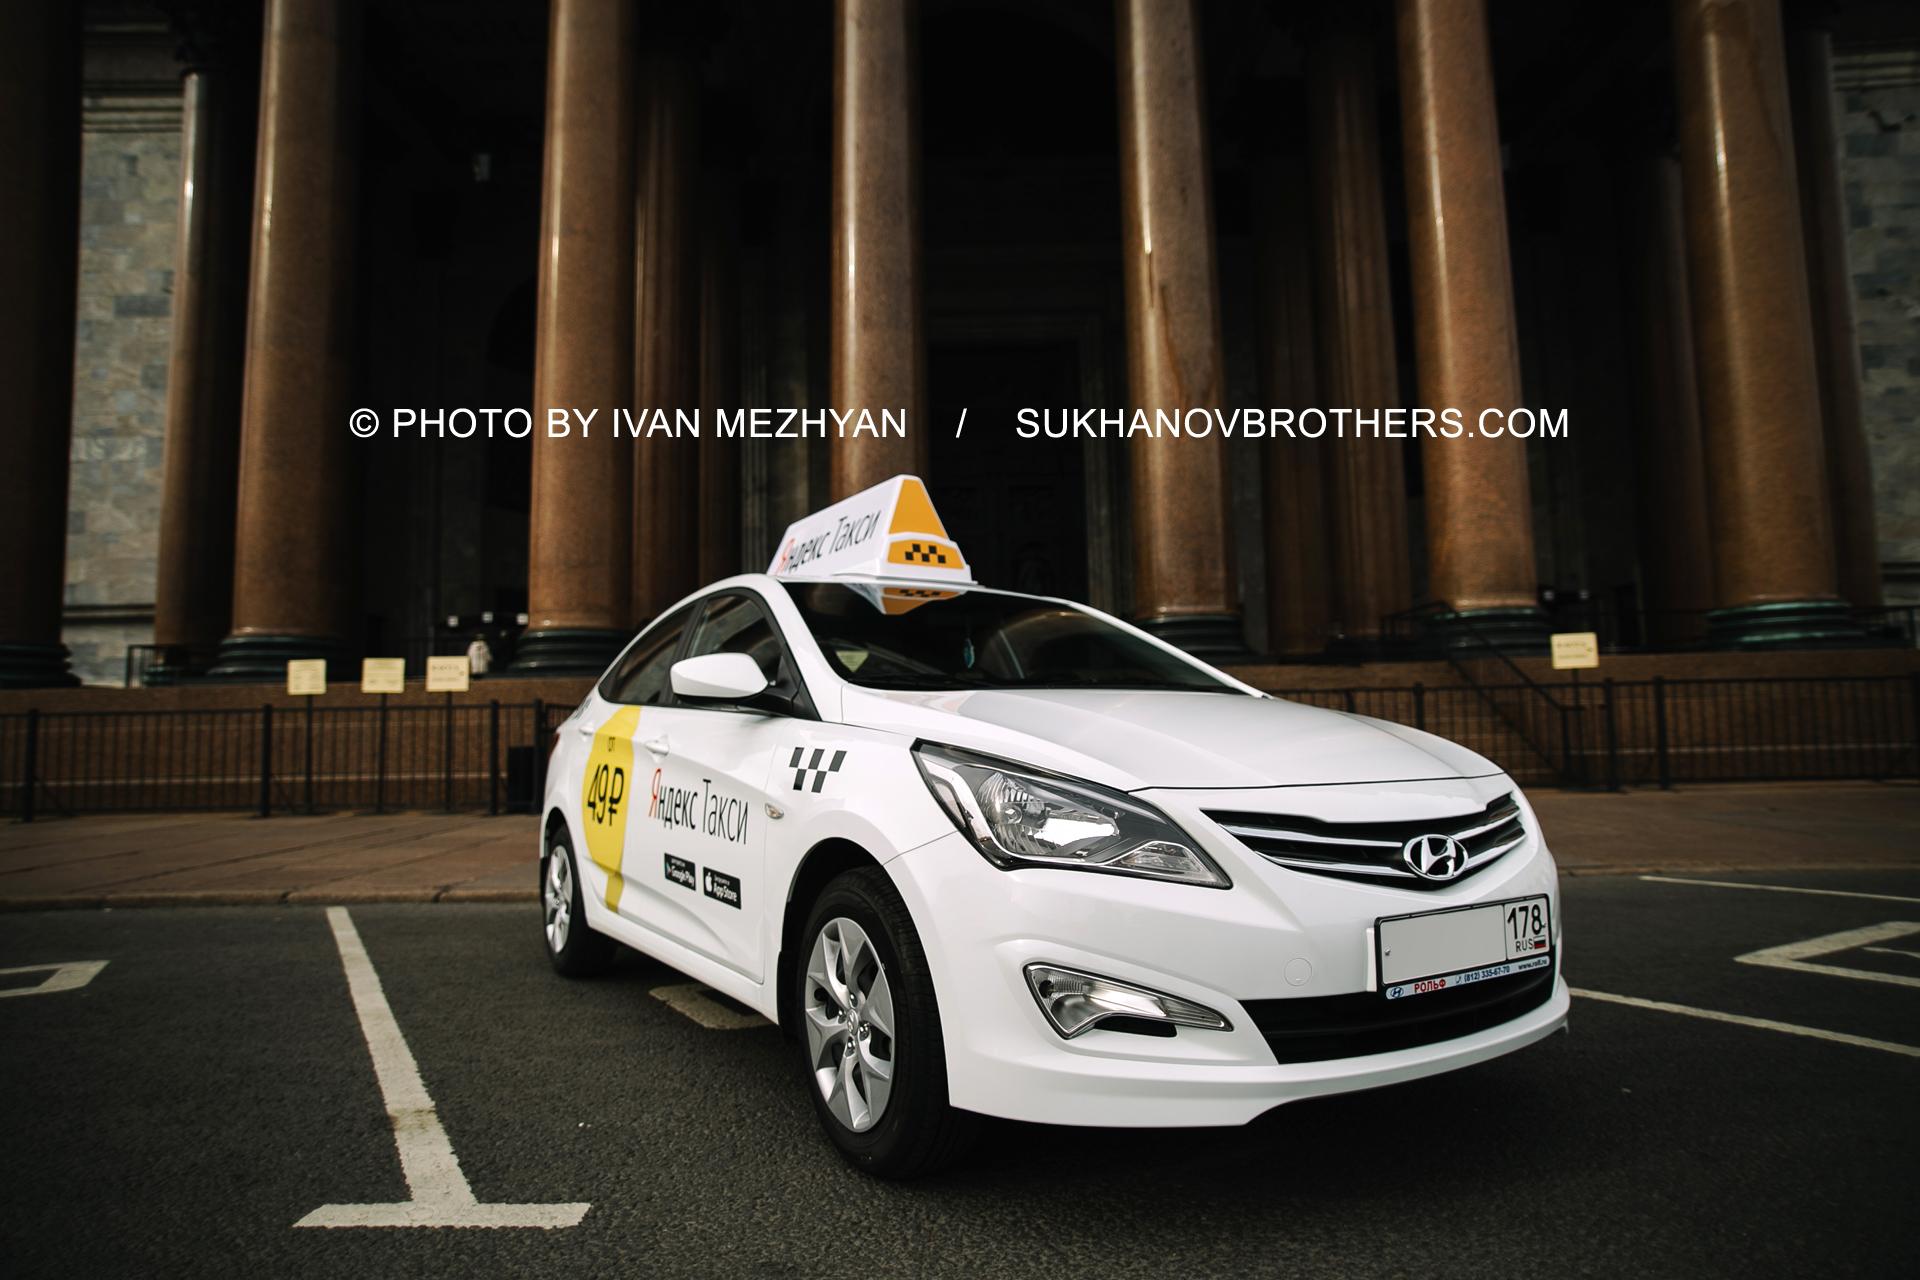 Фотосессия в Санкт-Петербурге для компании Яндекс Такси